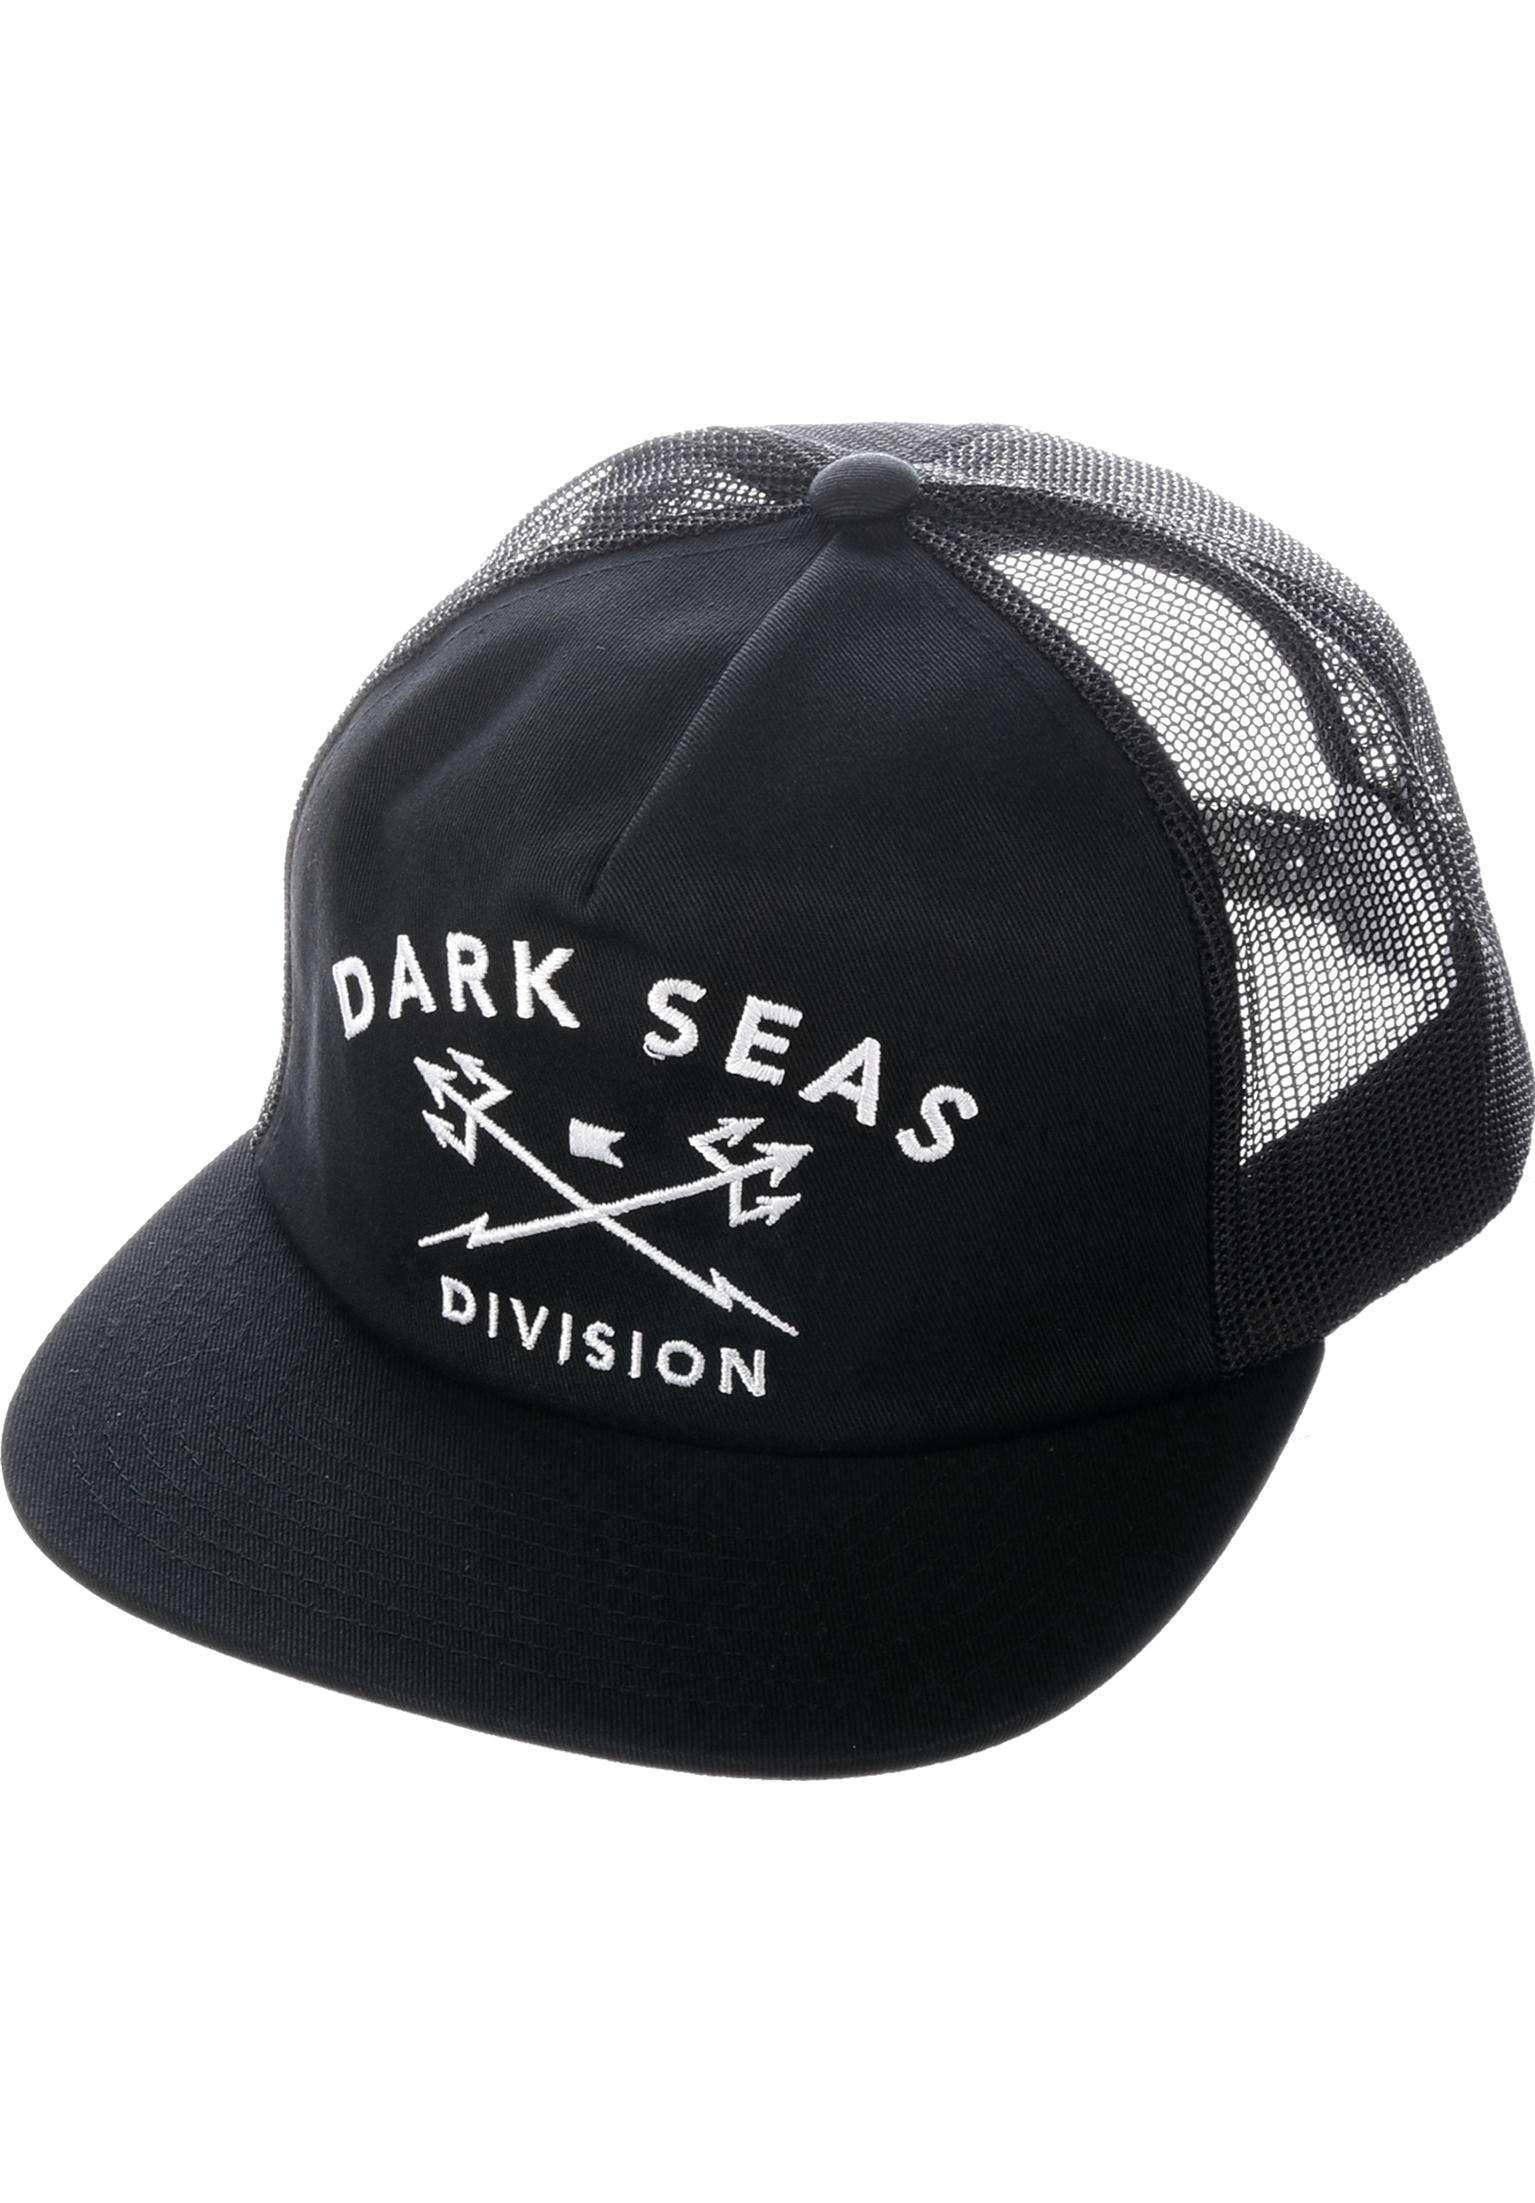 Tridents Trucker Dark Seas Casquettes en black pour Homme   Titus 47240c2d26ec